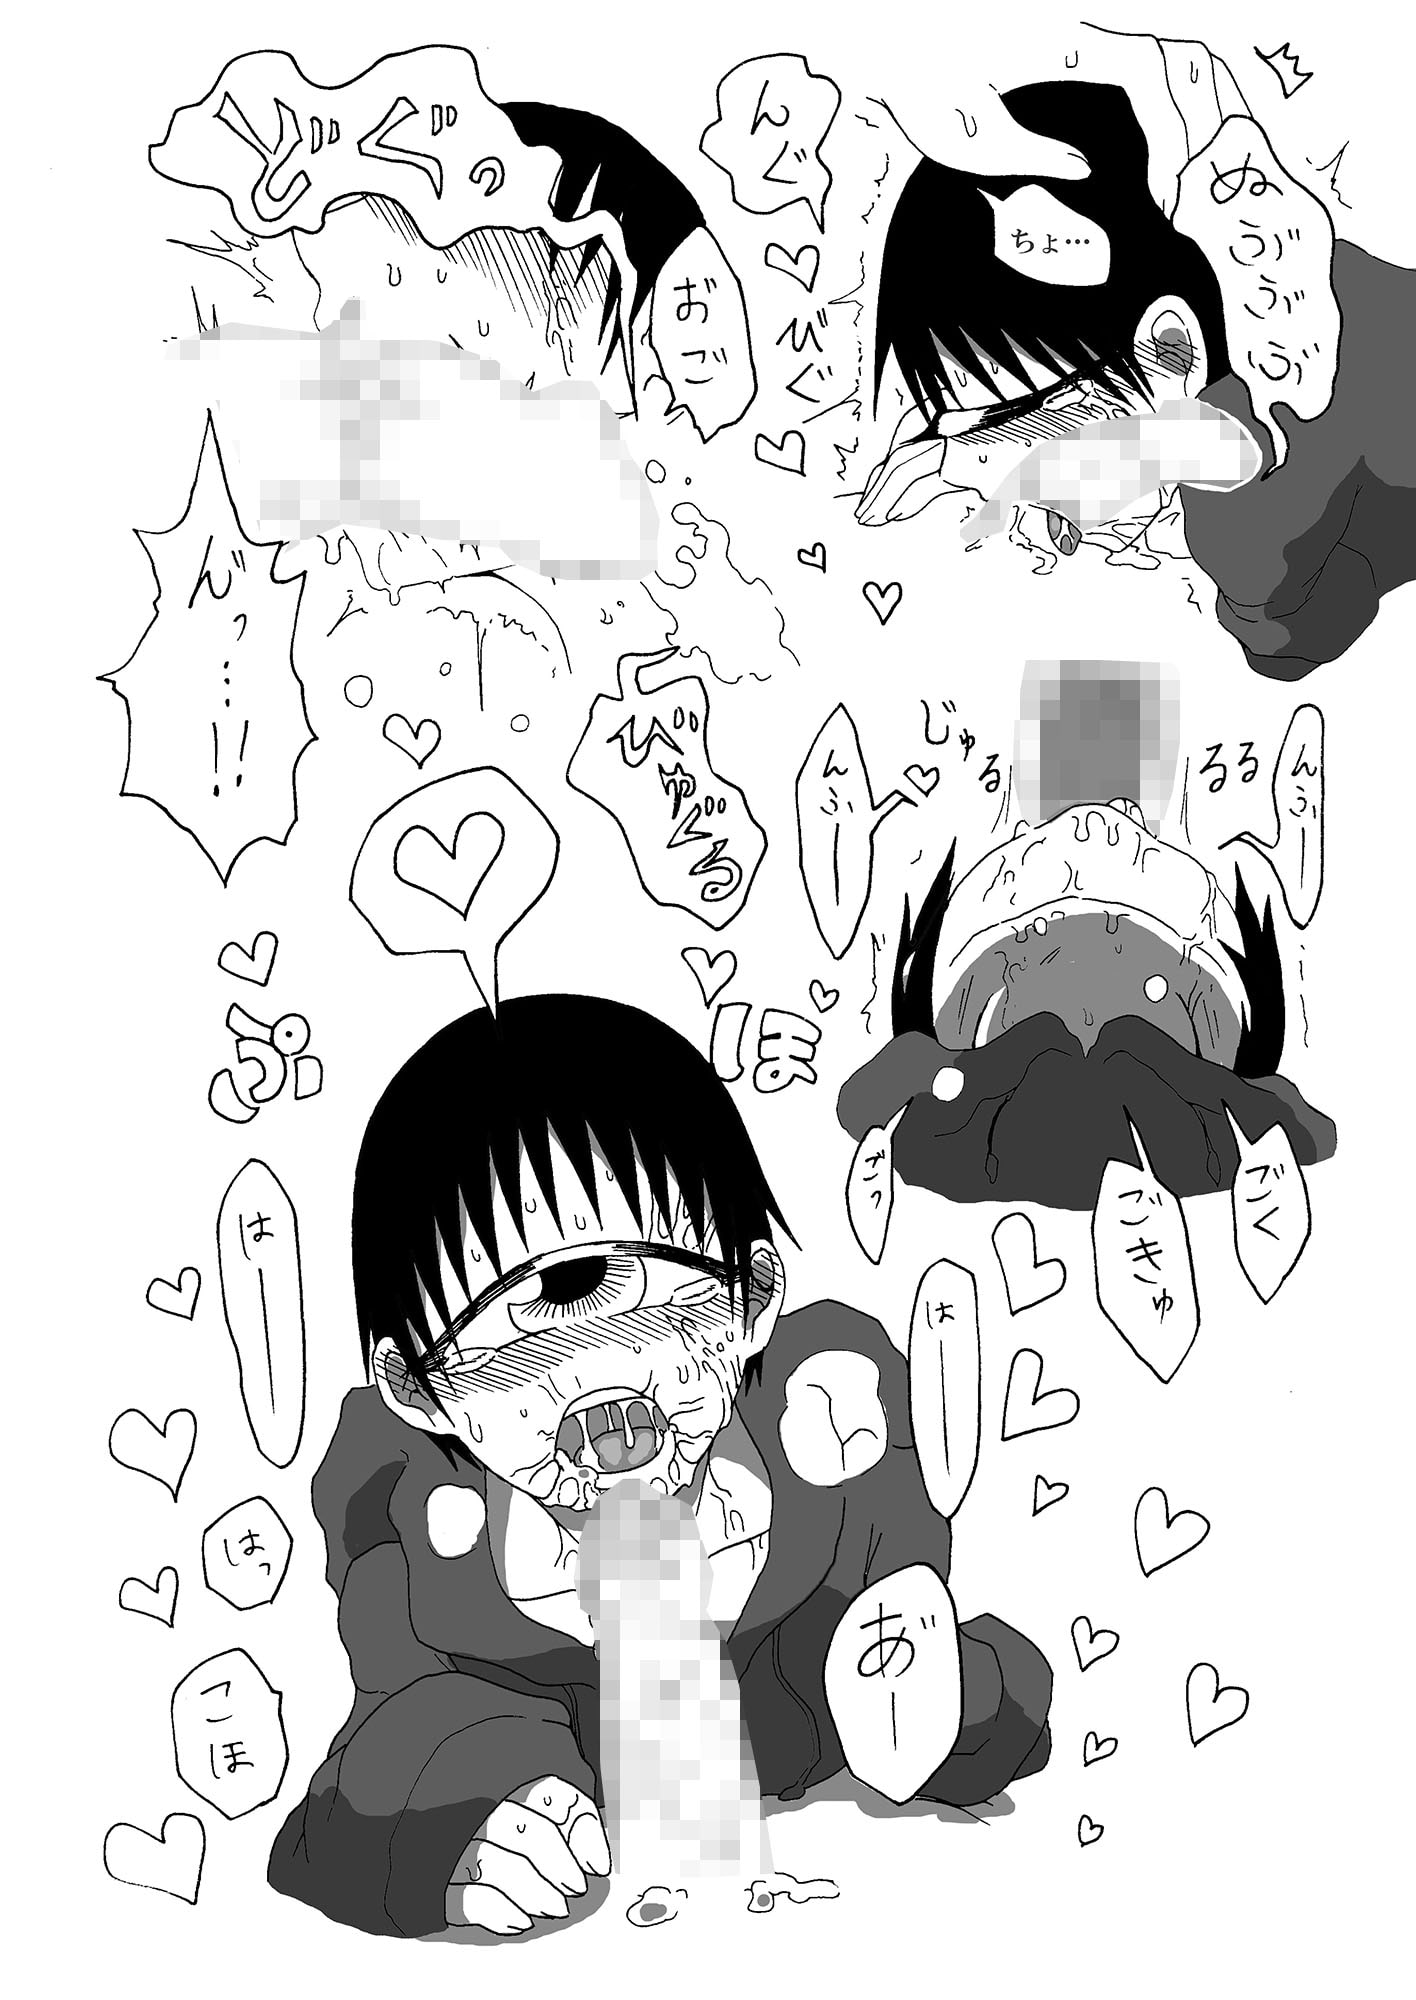 単眼ちゃん拾って飼う漫画2